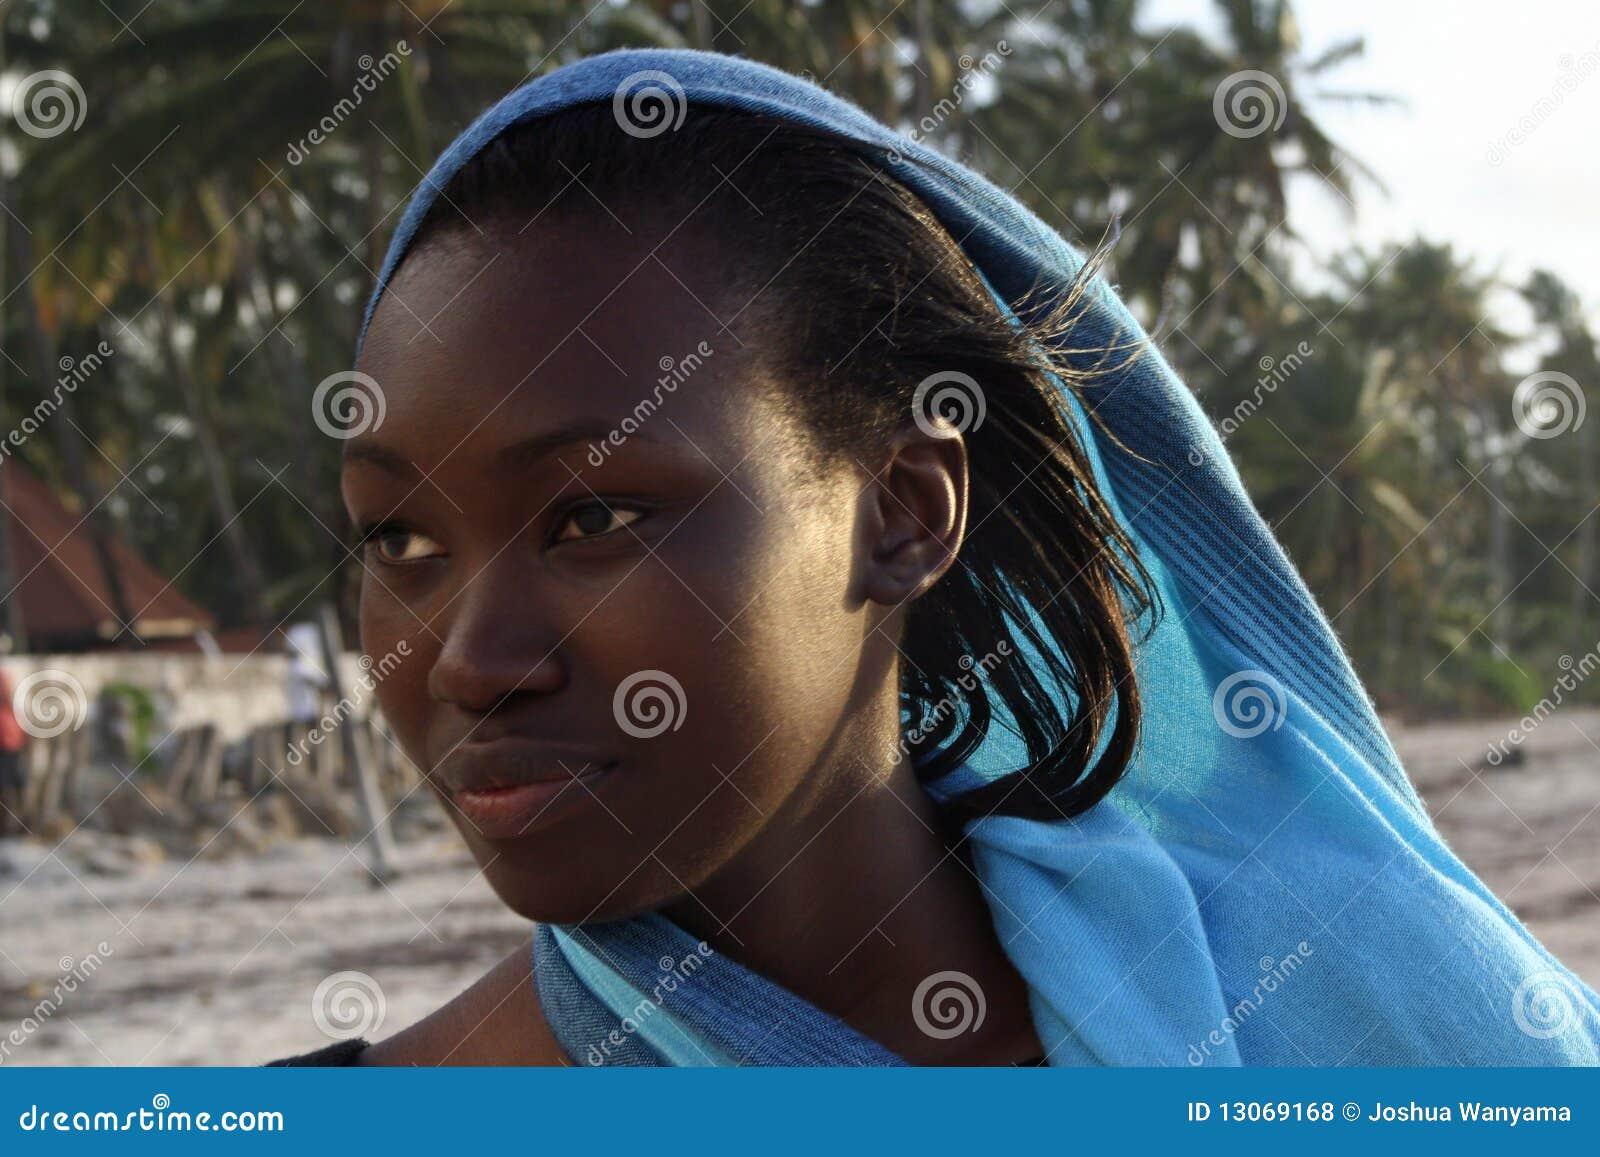 Rencontre femme africaine en france